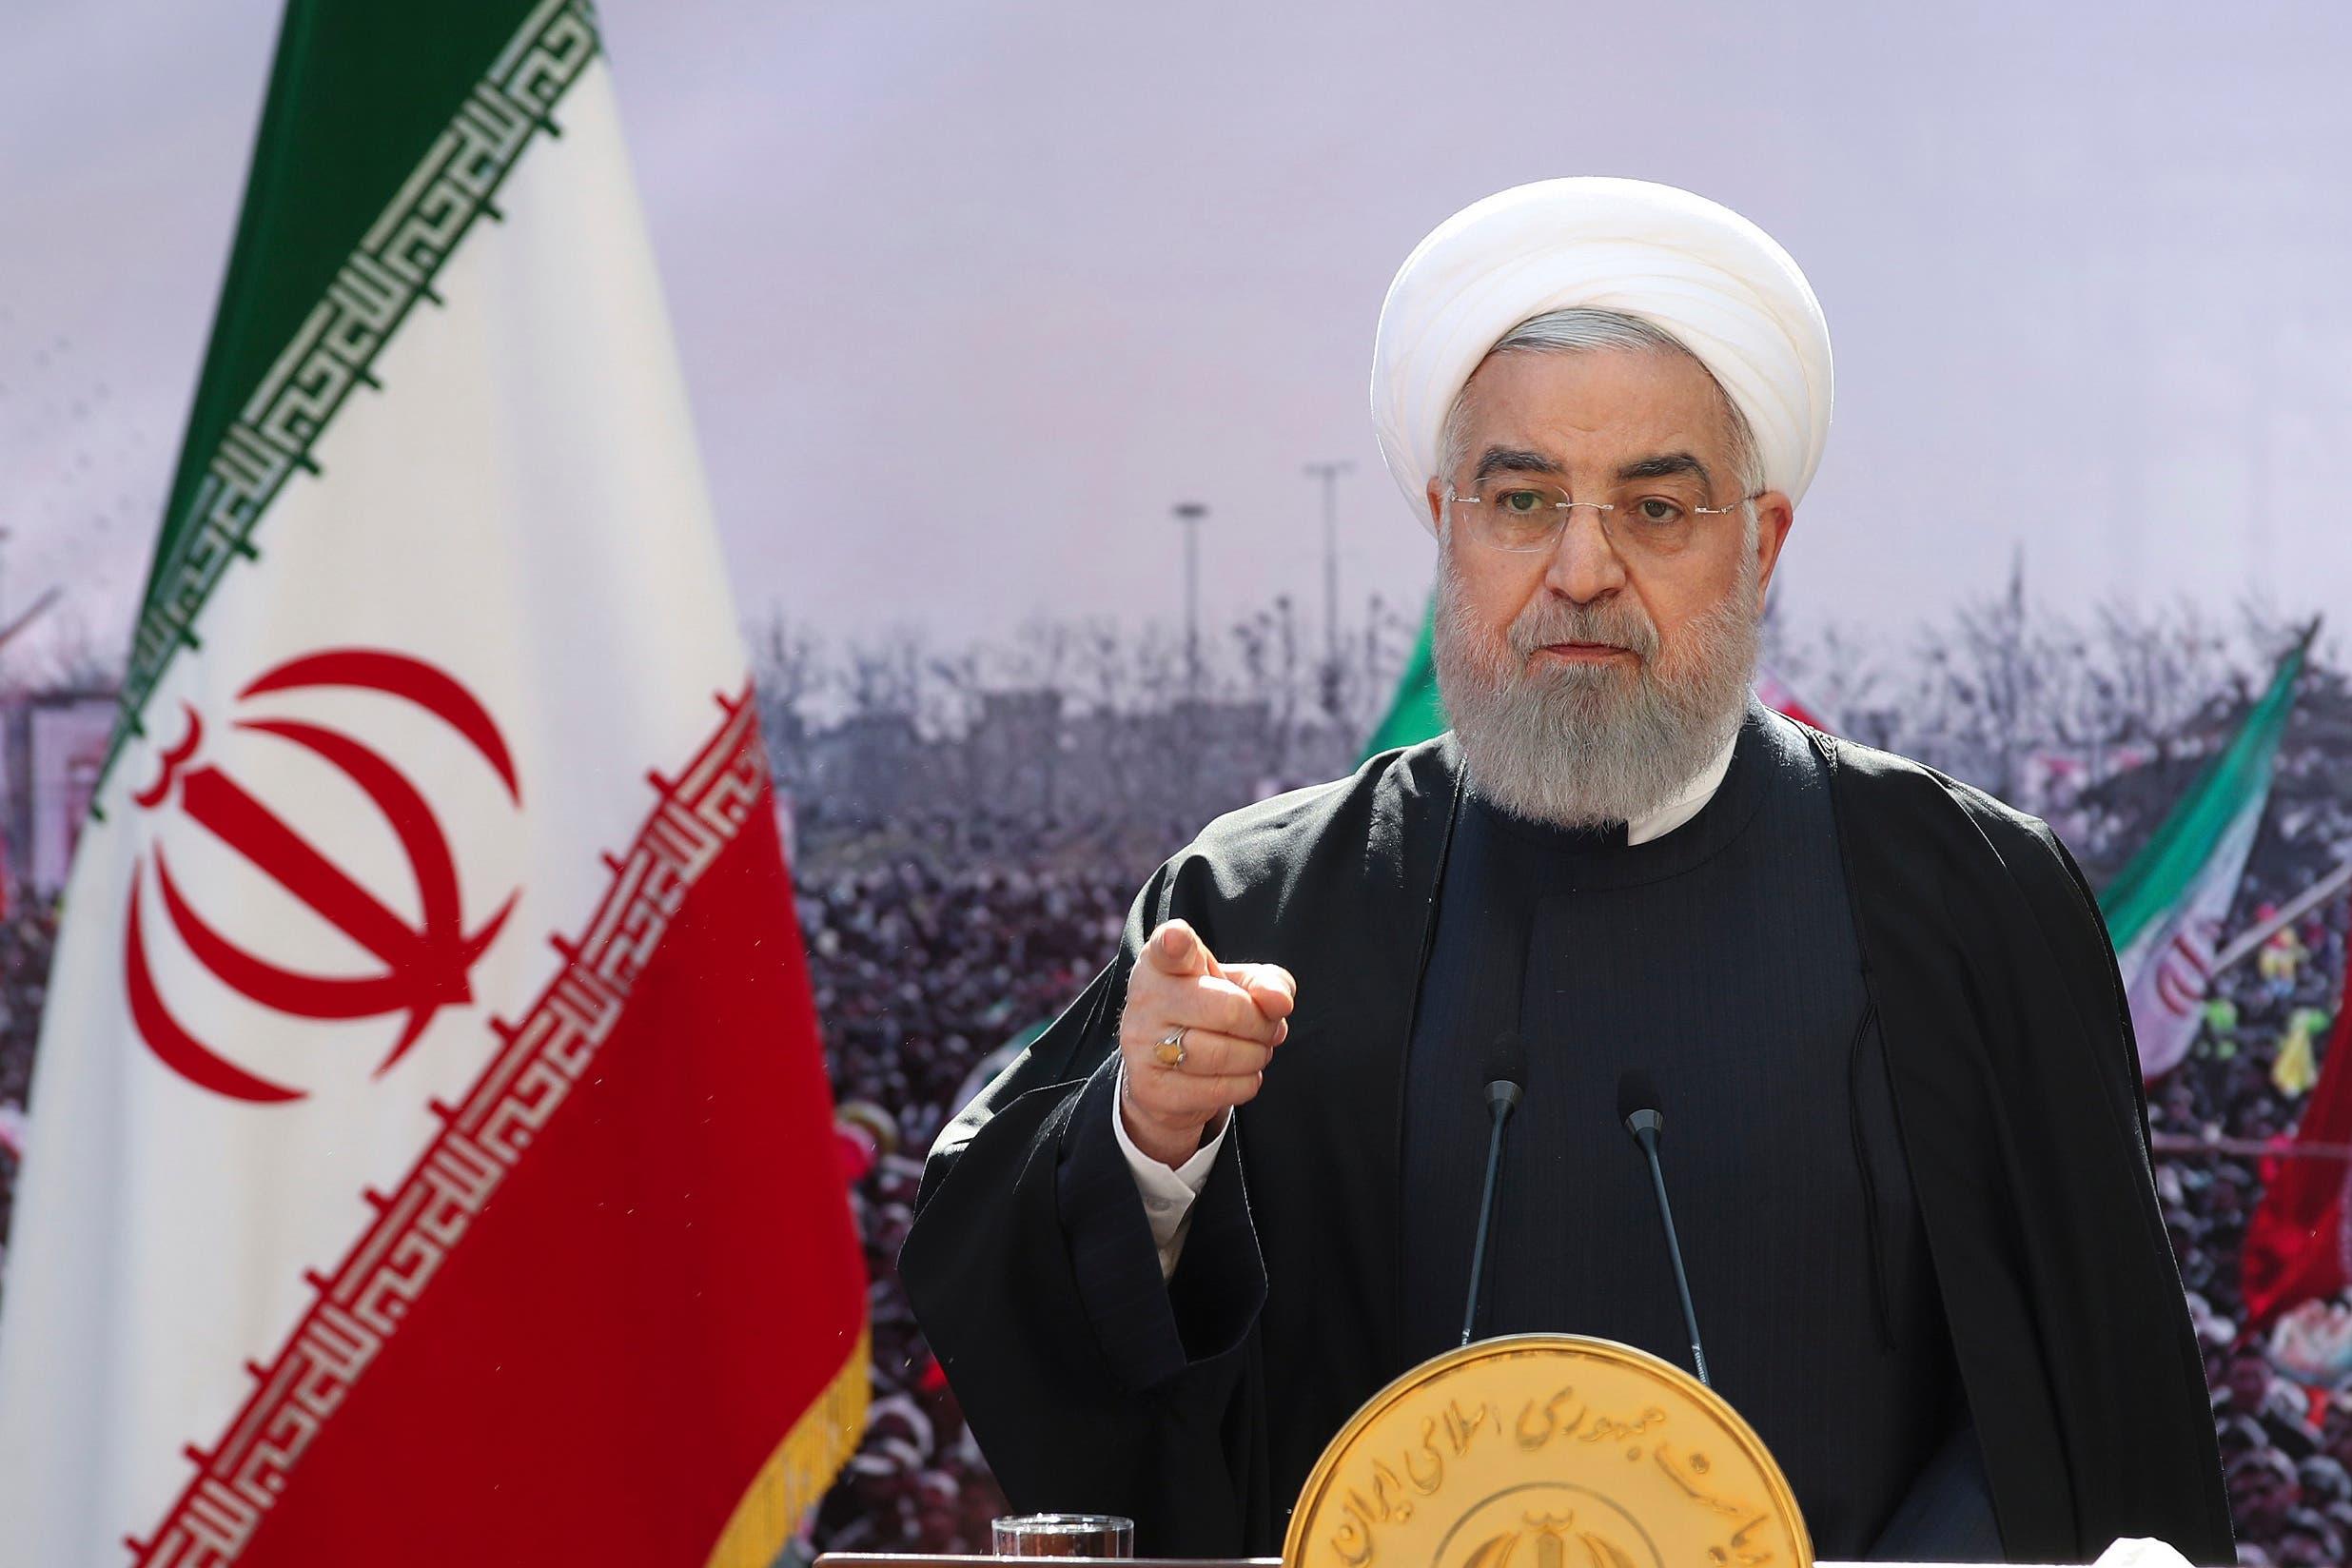 الرئيس الإيراني حسن روحاني (أرشيفية- أسوشييتد برس)